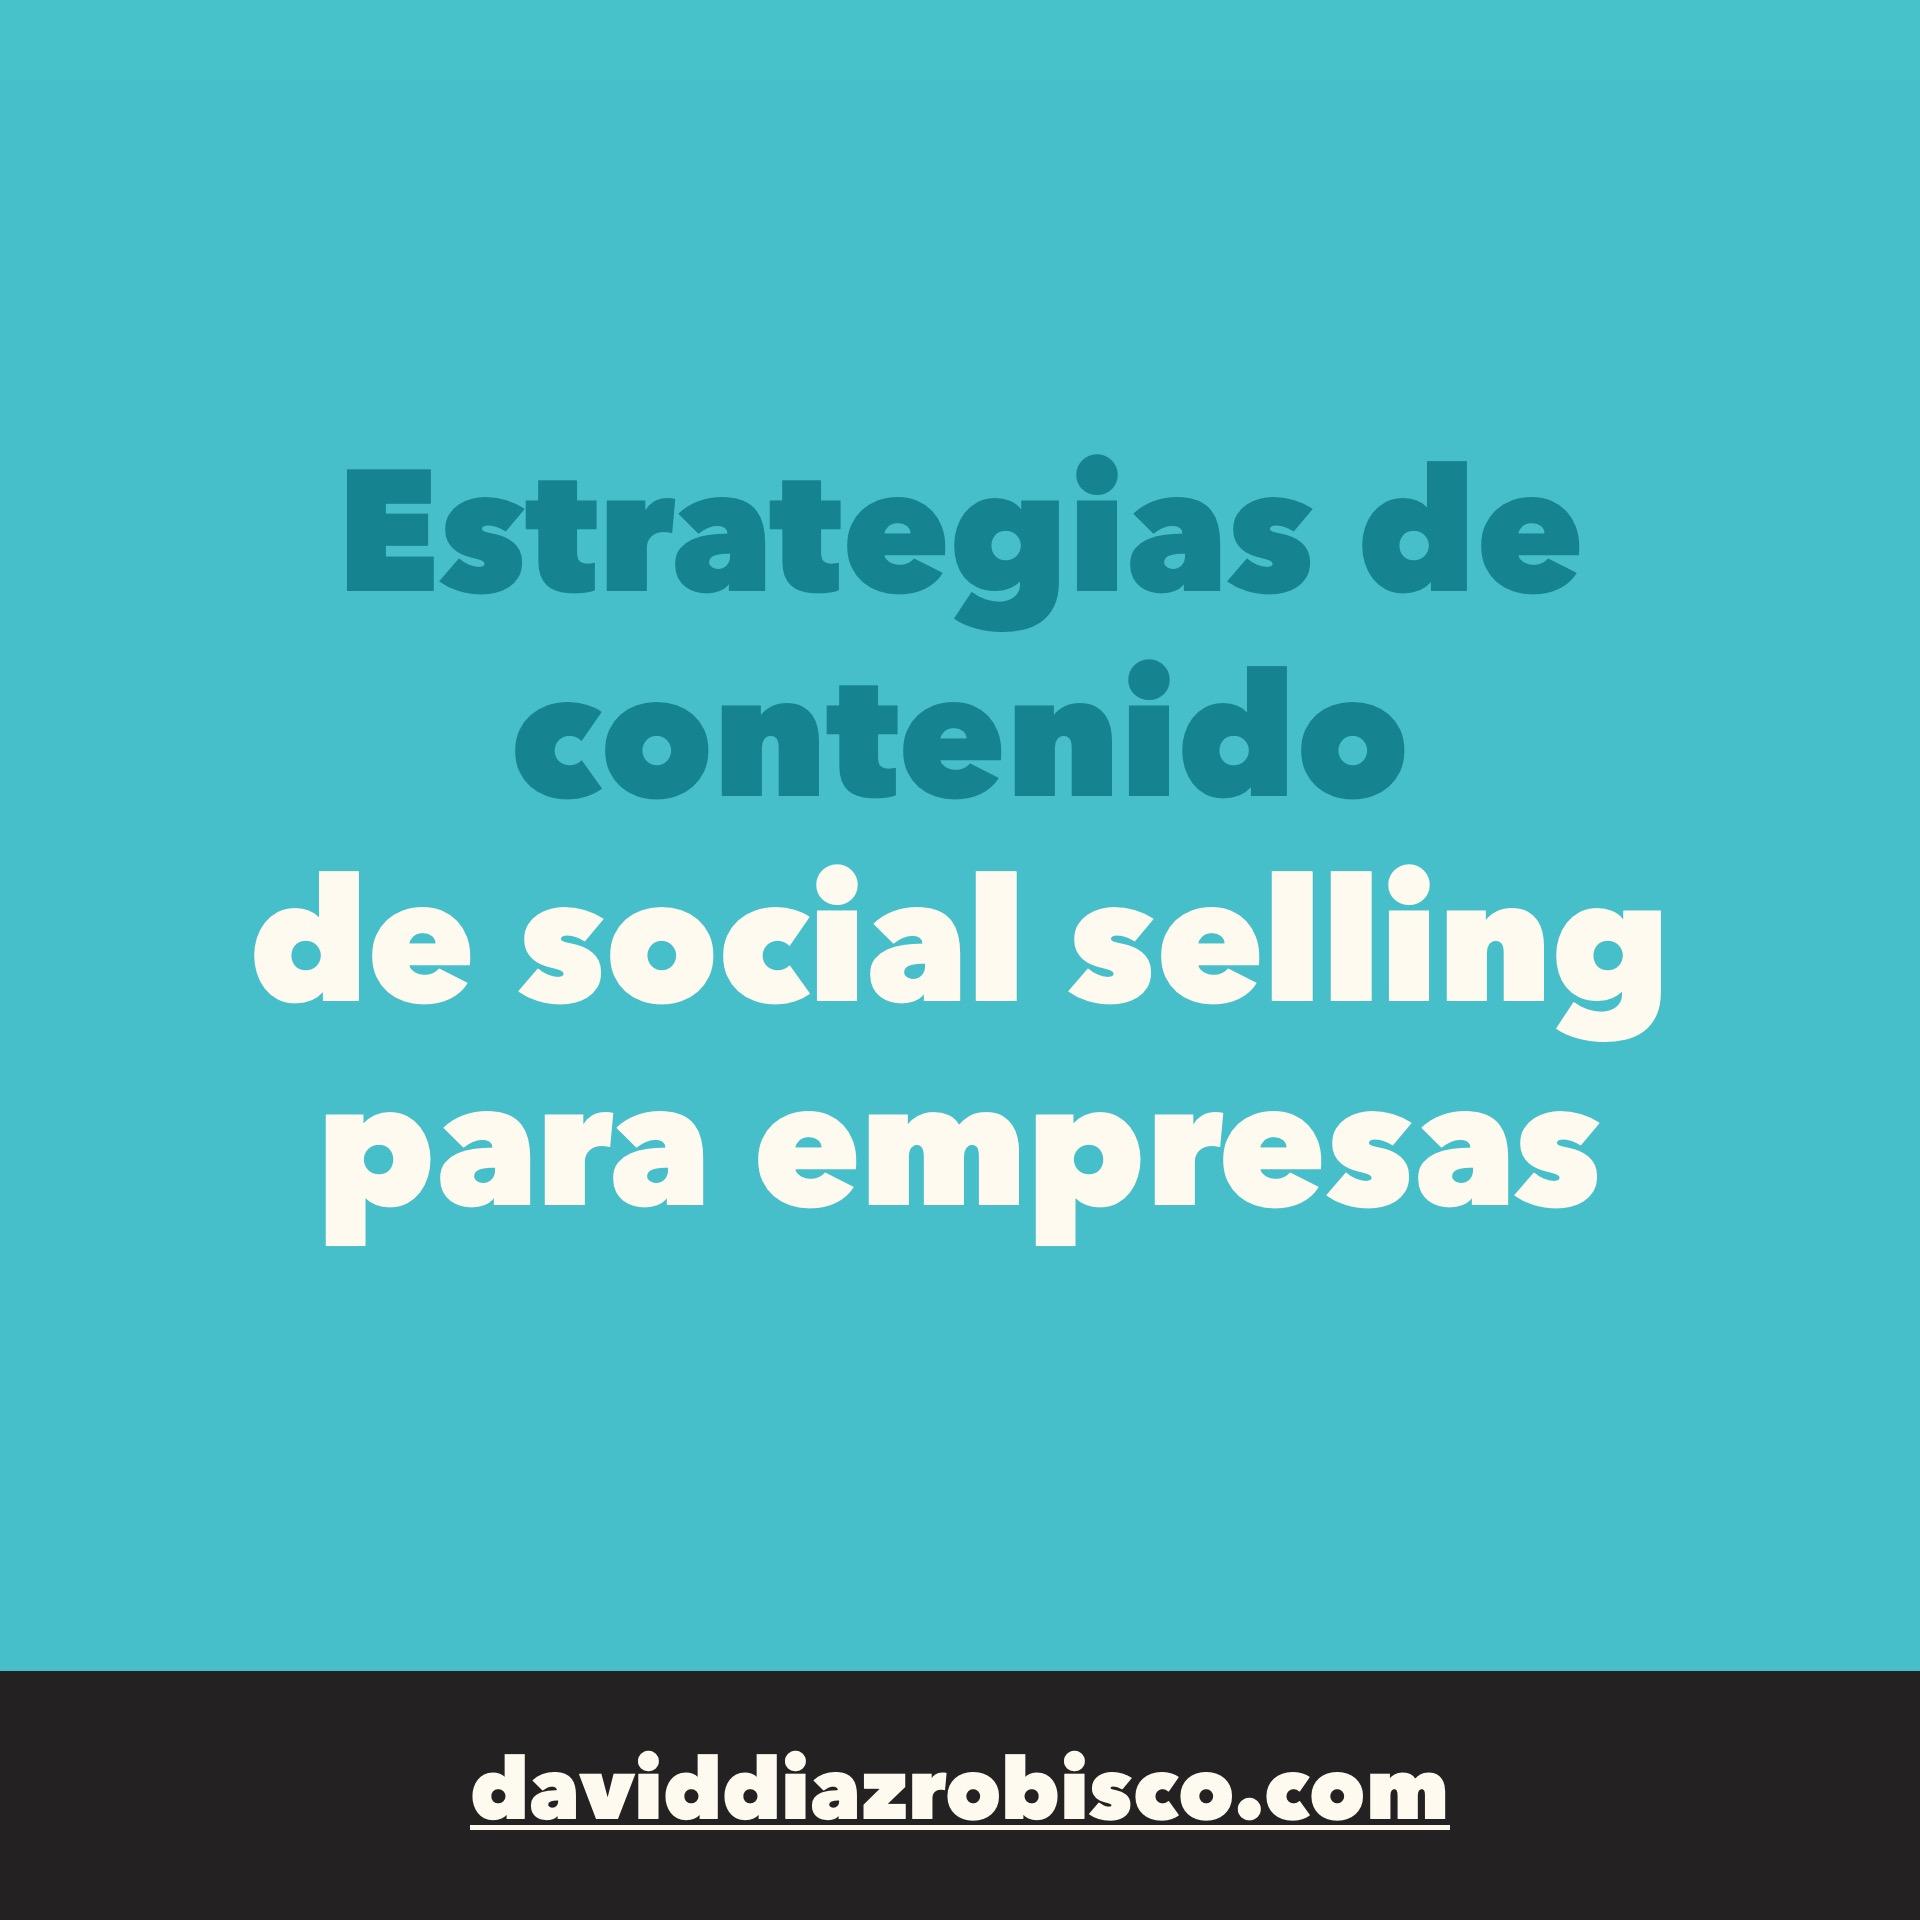 #169 - Cómo hacer una ESTRATEGIA DE CONTENIDO de SOCIAL SELLING  - LinkedIn Sencillo para empresas